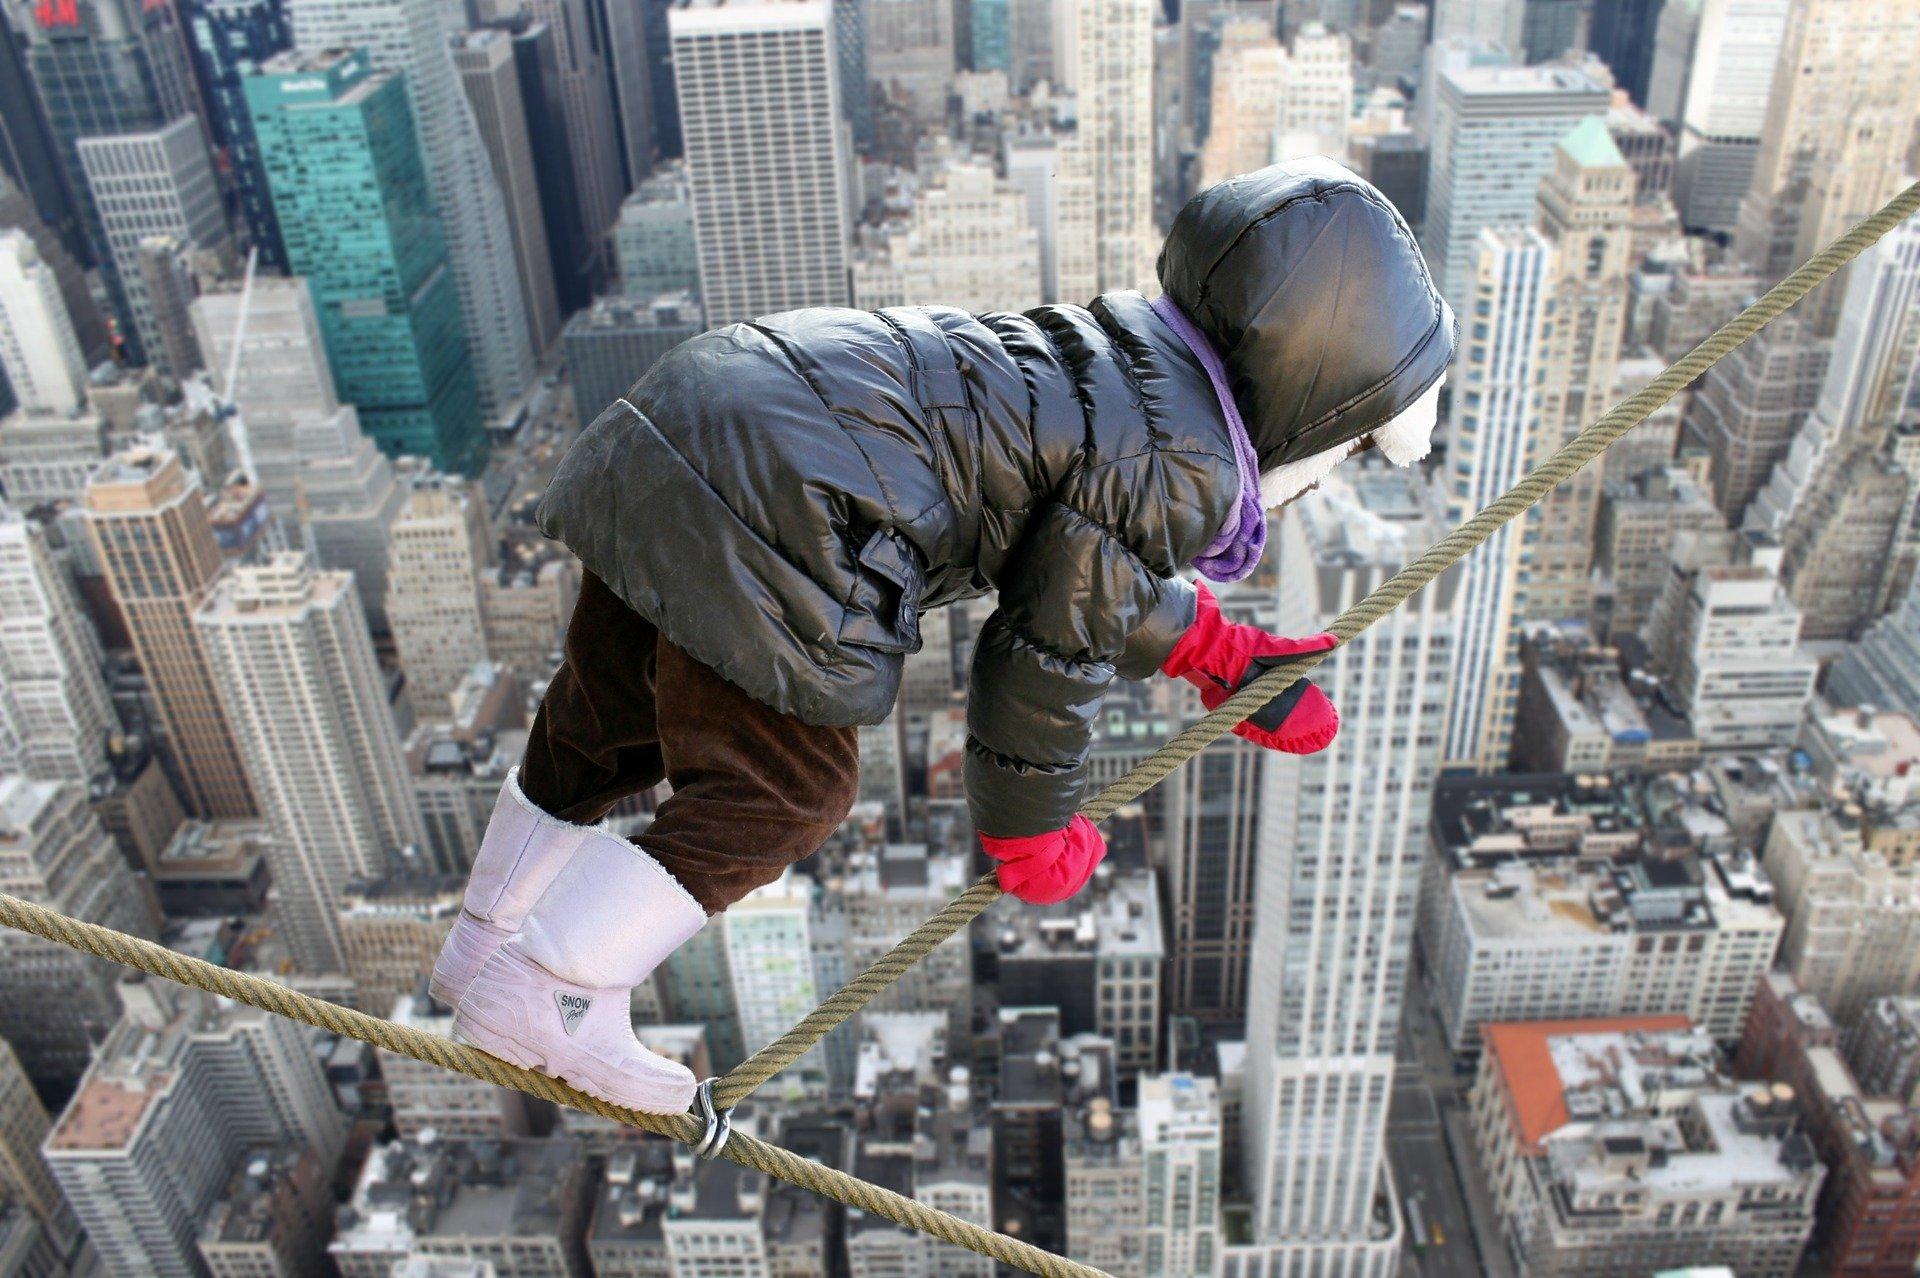 un bambino sospeso sopra i grattacieli della città che si tiene su una corda